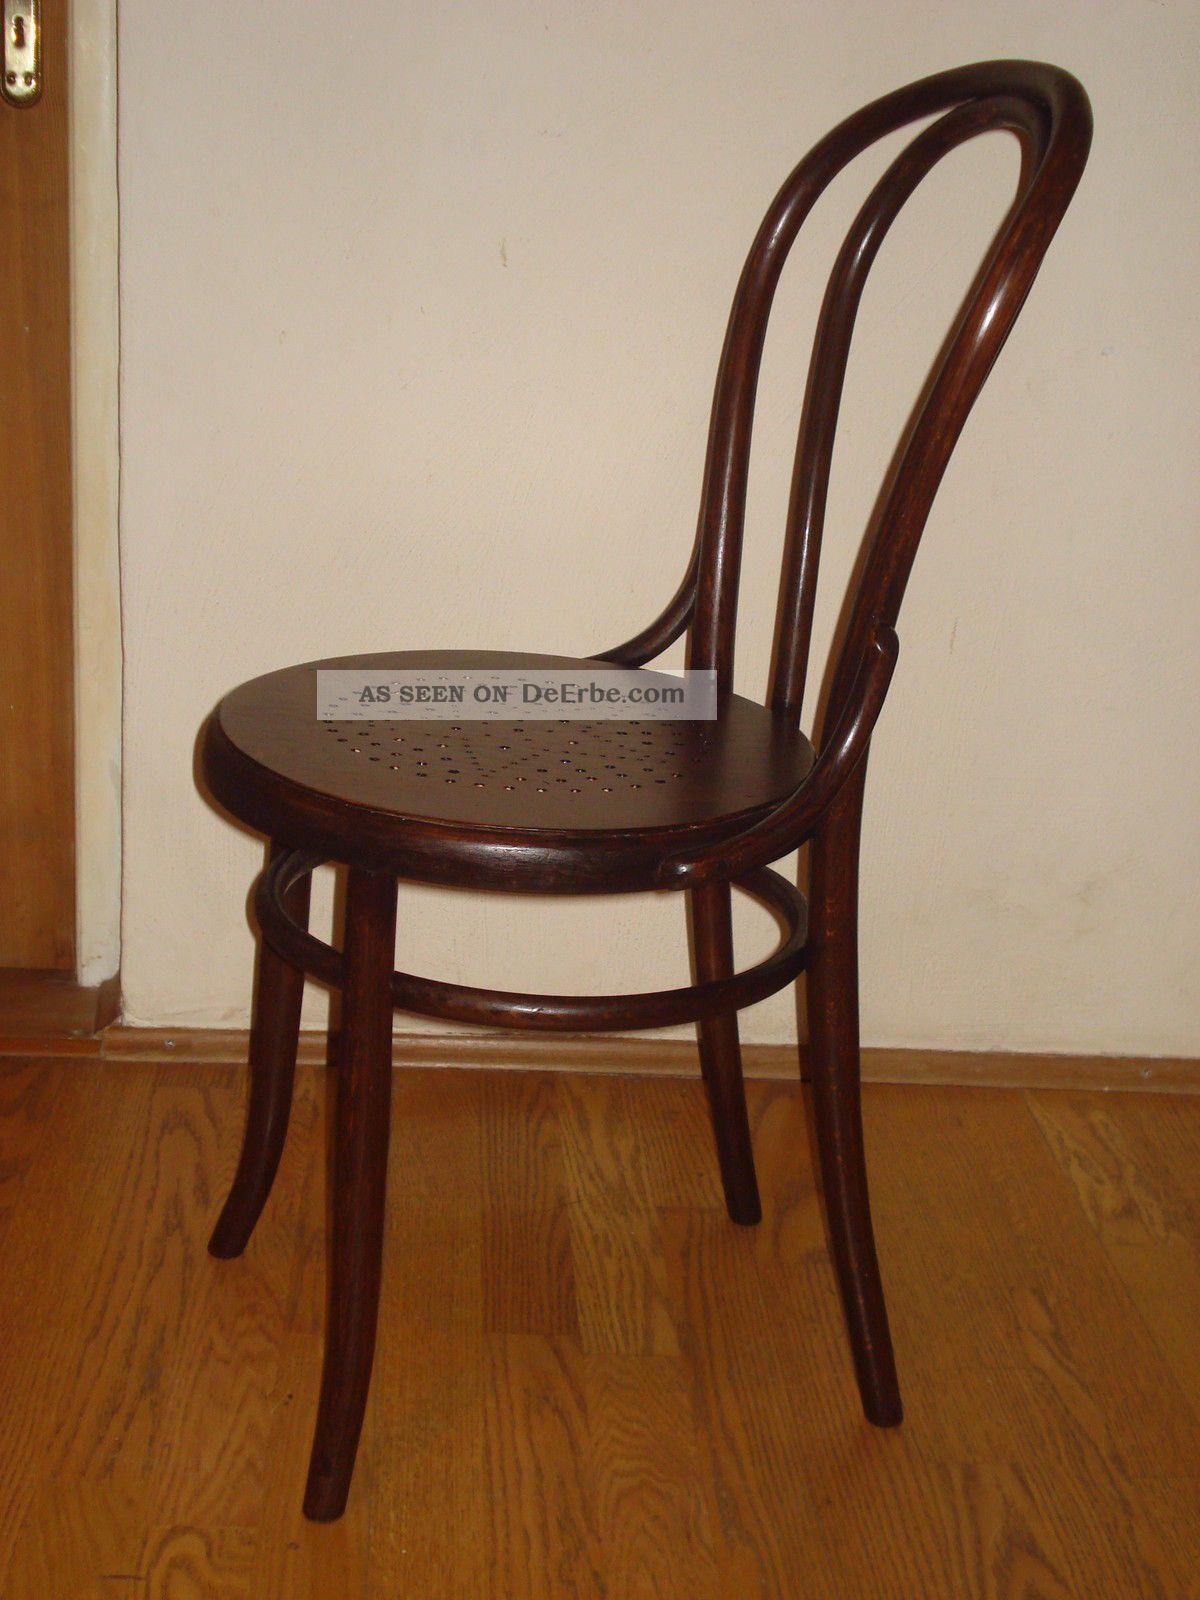 wie thonet 18 fischel 1 wundersch ner bugholz bistro kaffeehaus stuhl 2 da. Black Bedroom Furniture Sets. Home Design Ideas